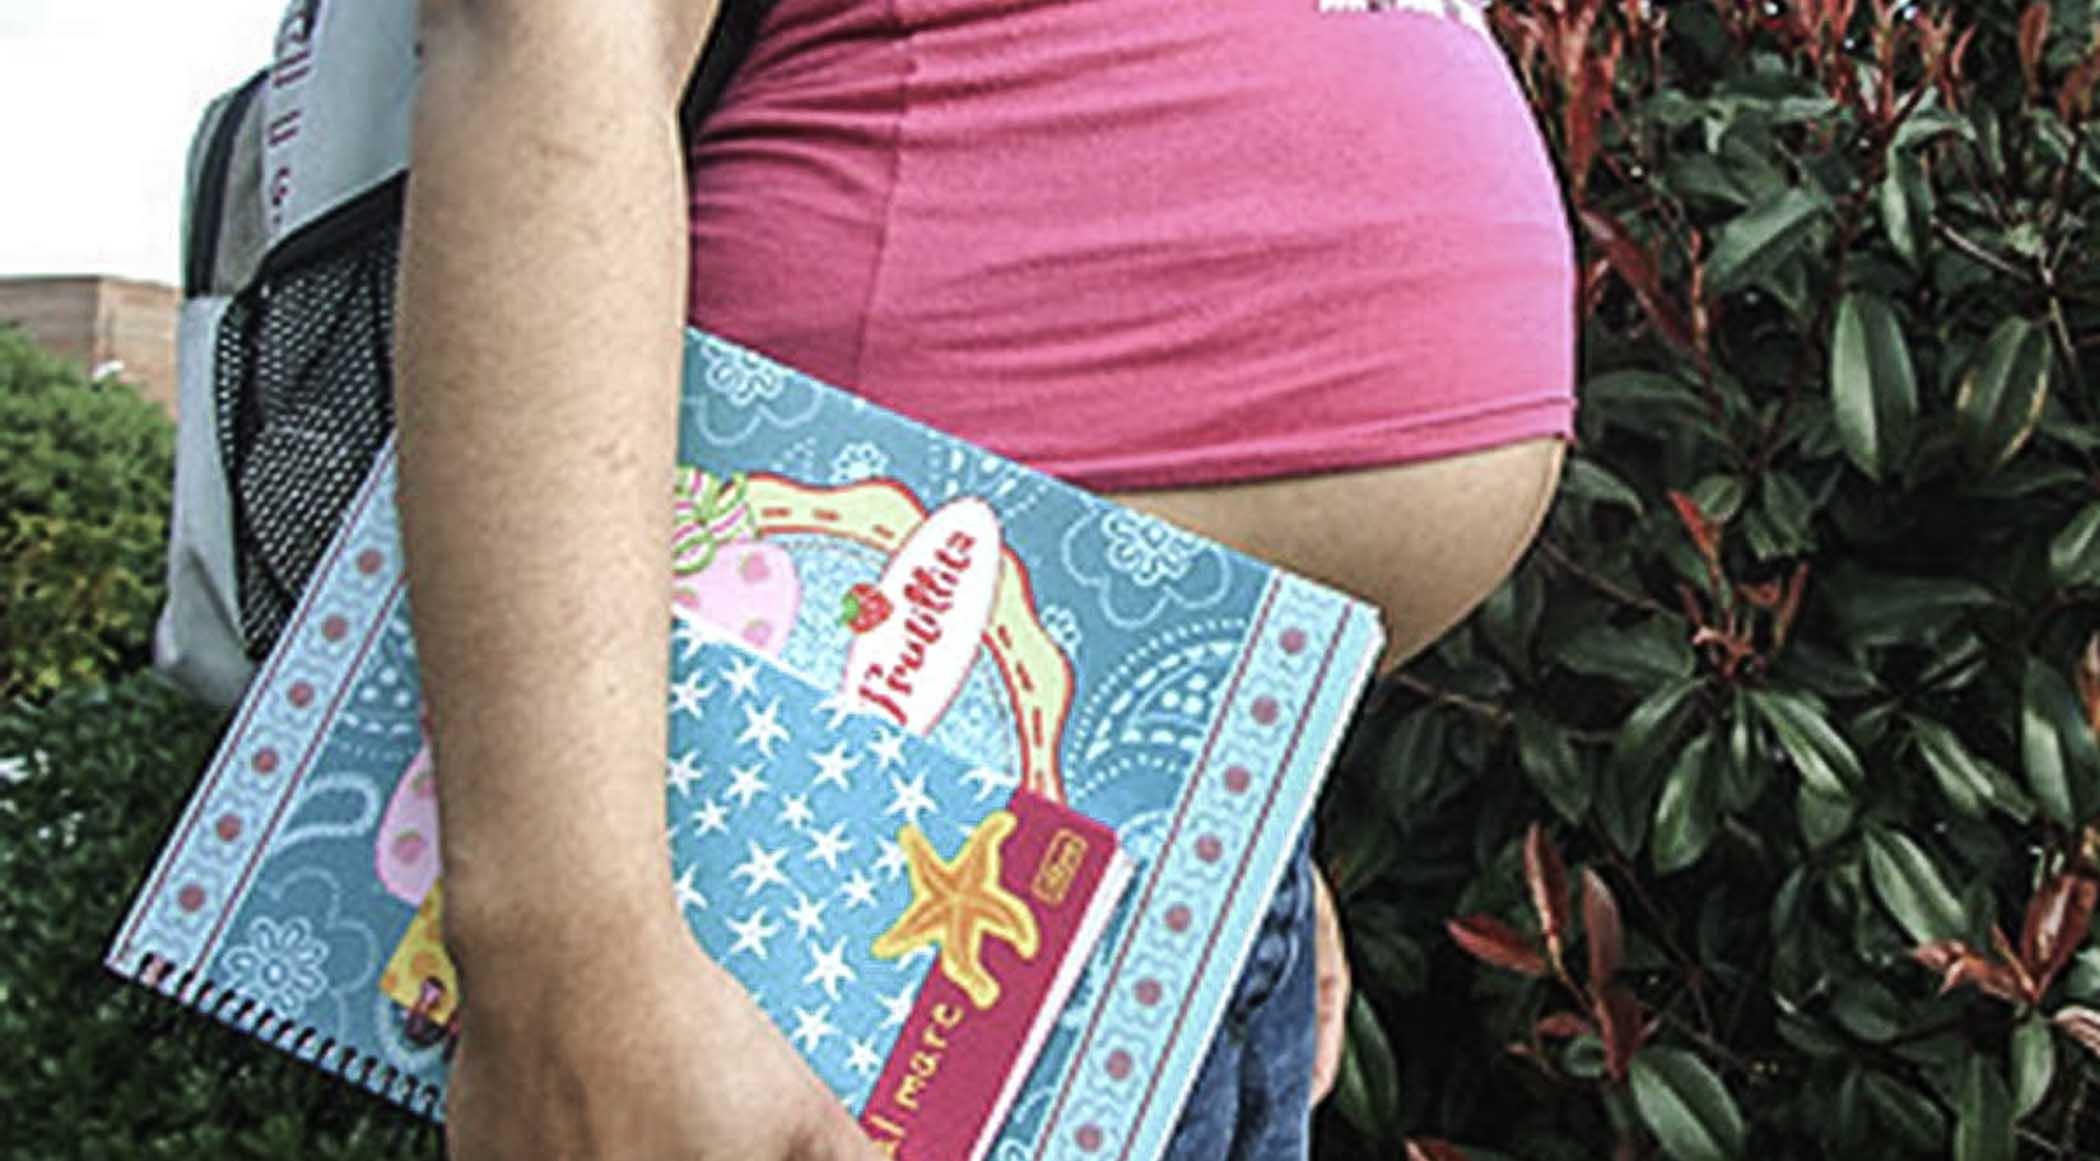 Revisa DH de Tabasco quejas por maternidad subrogada